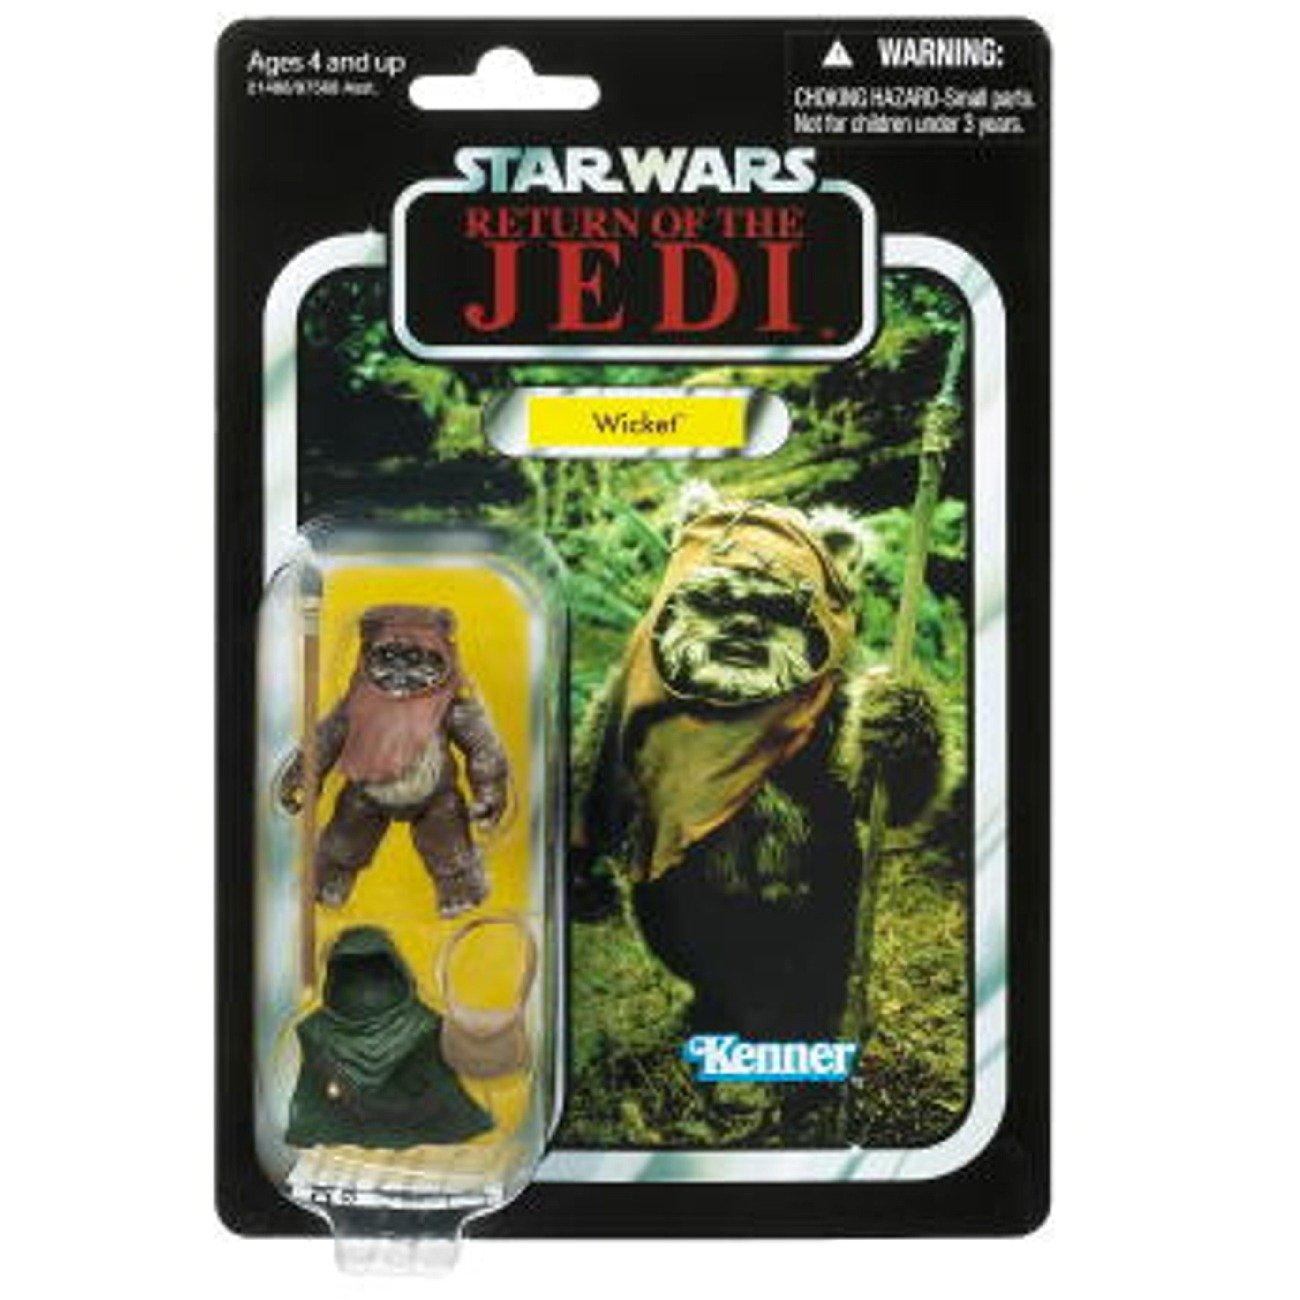 Star Wars - Figura de acción Star Wars (Hasbro)